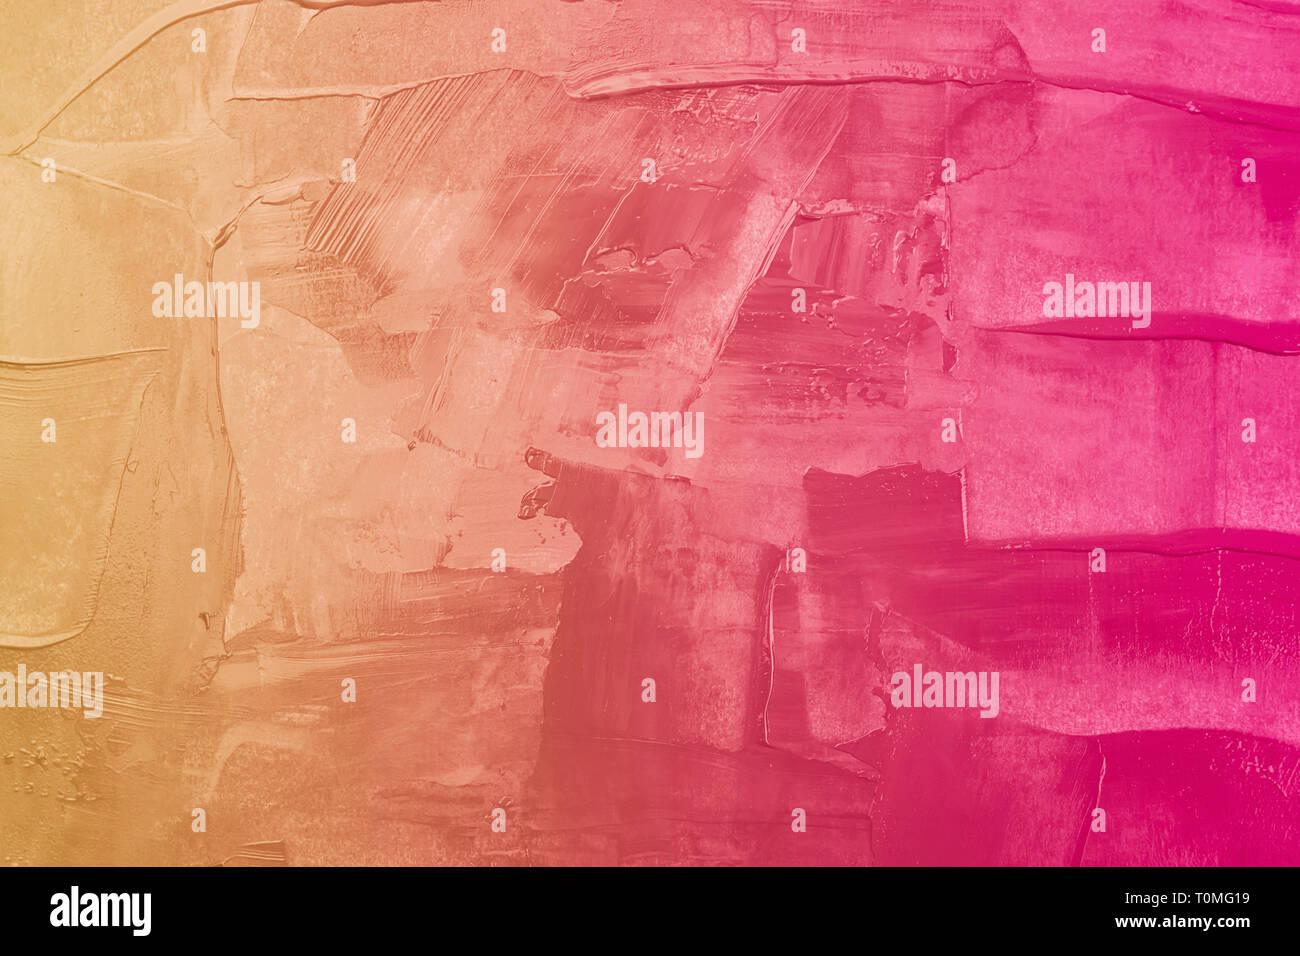 Abstract Bicromatica Sfondo Acrilico Giallo E Sfumature Di Rosa